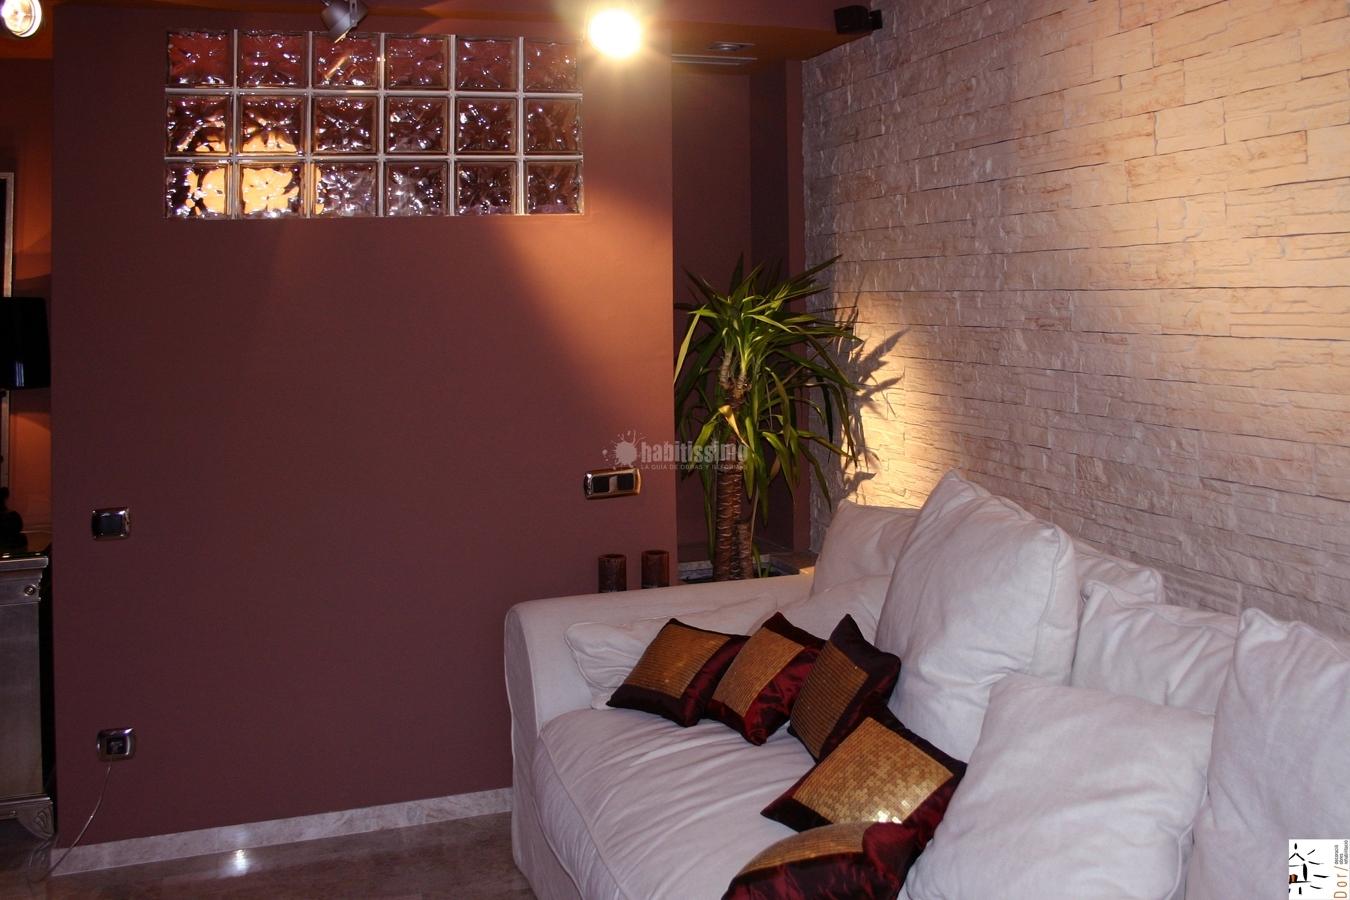 Rehabilitación y Decoración de viviendas, locales comerciales y proyectos técnicos en Feng Shui realizados en Barcelona y provincia.